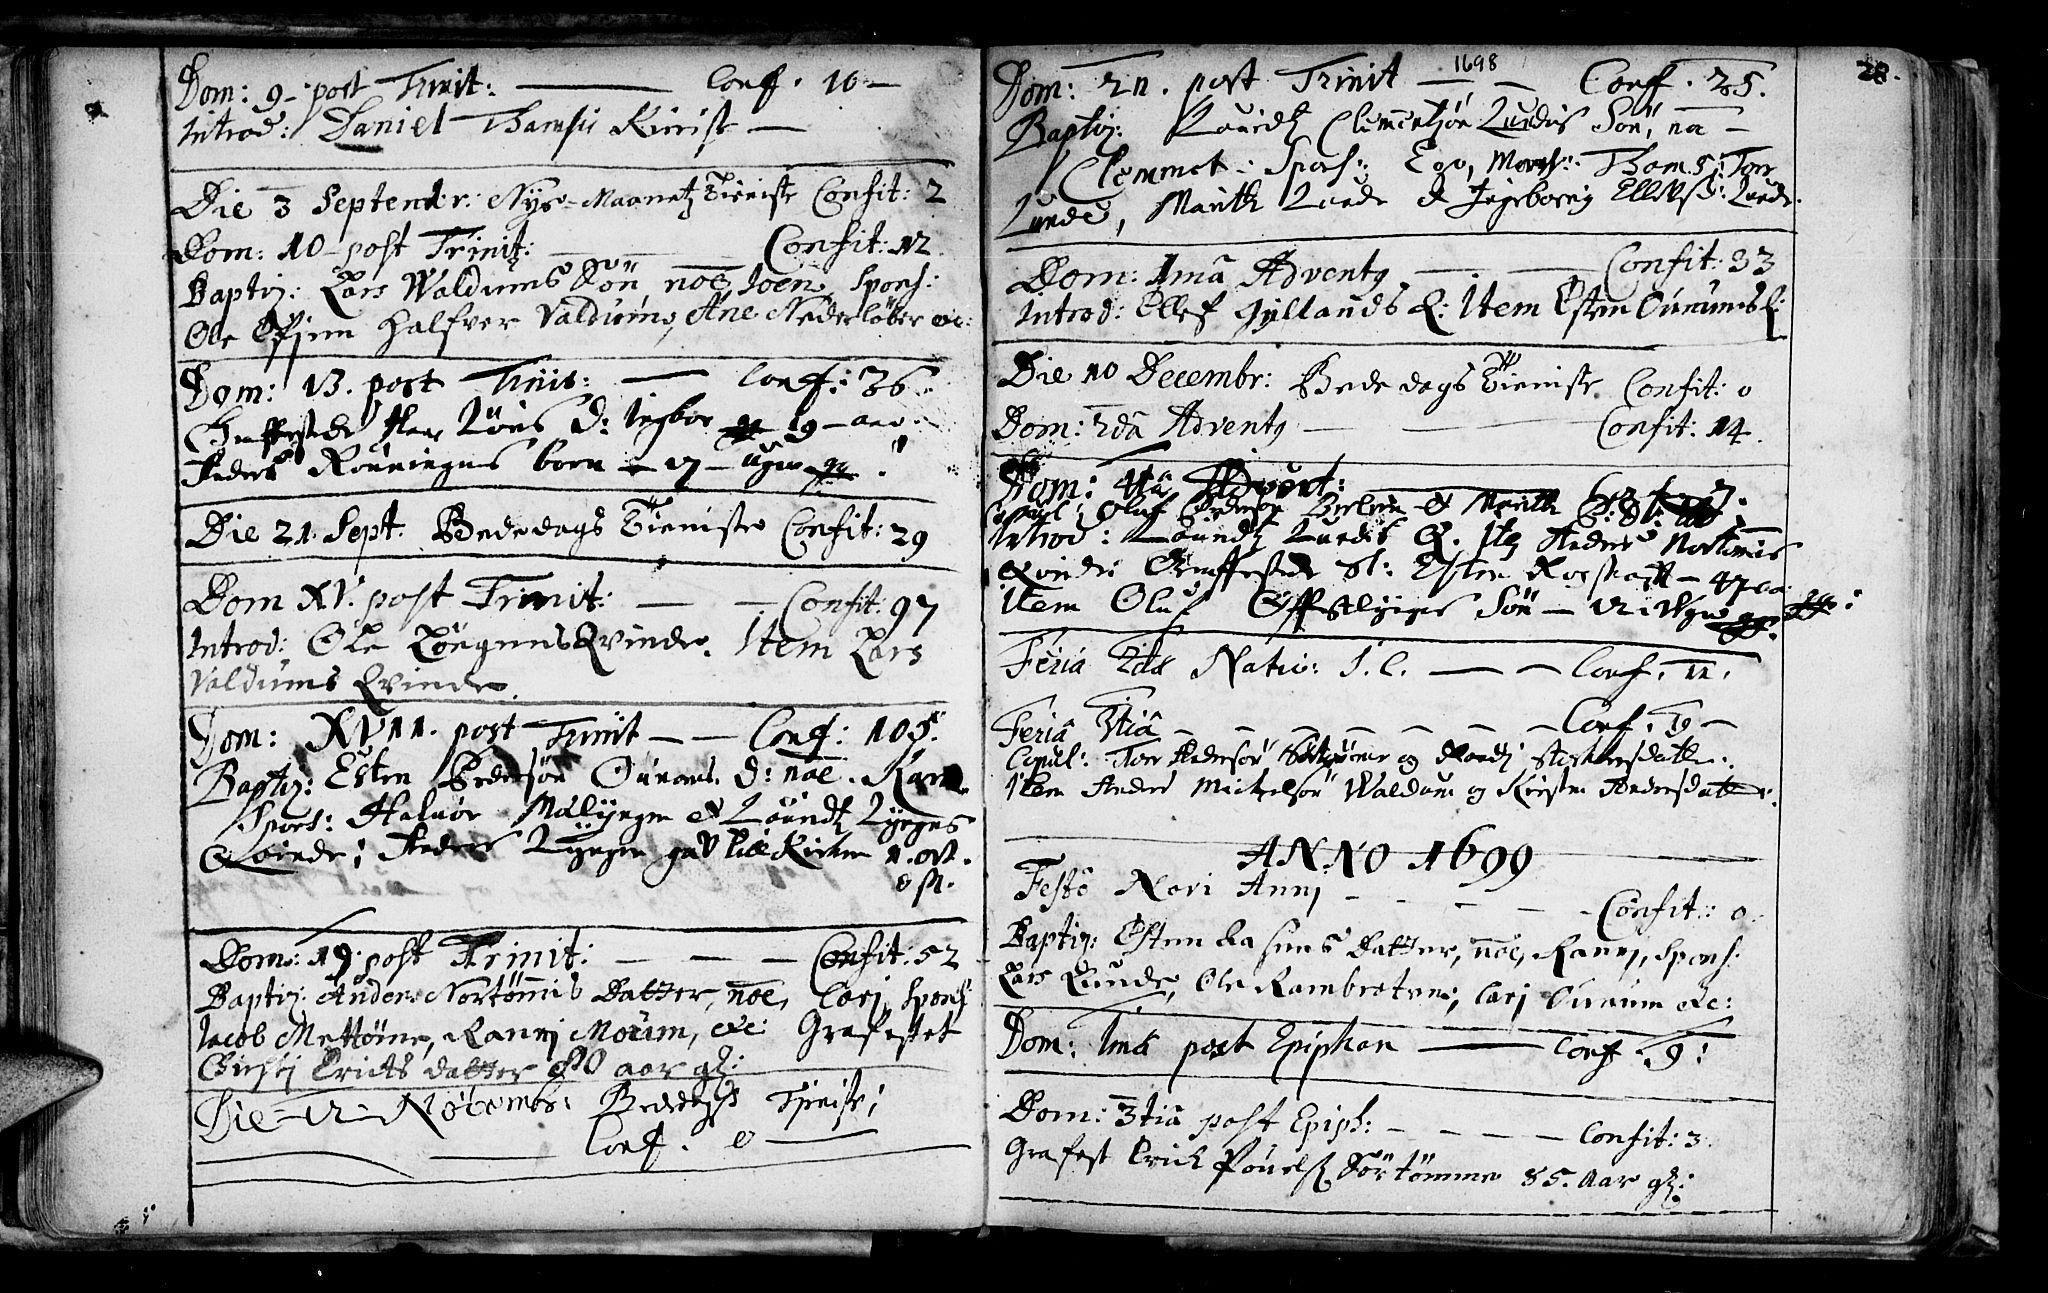 SAT, Ministerialprotokoller, klokkerbøker og fødselsregistre - Sør-Trøndelag, 692/L1101: Ministerialbok nr. 692A01, 1690-1746, s. 28